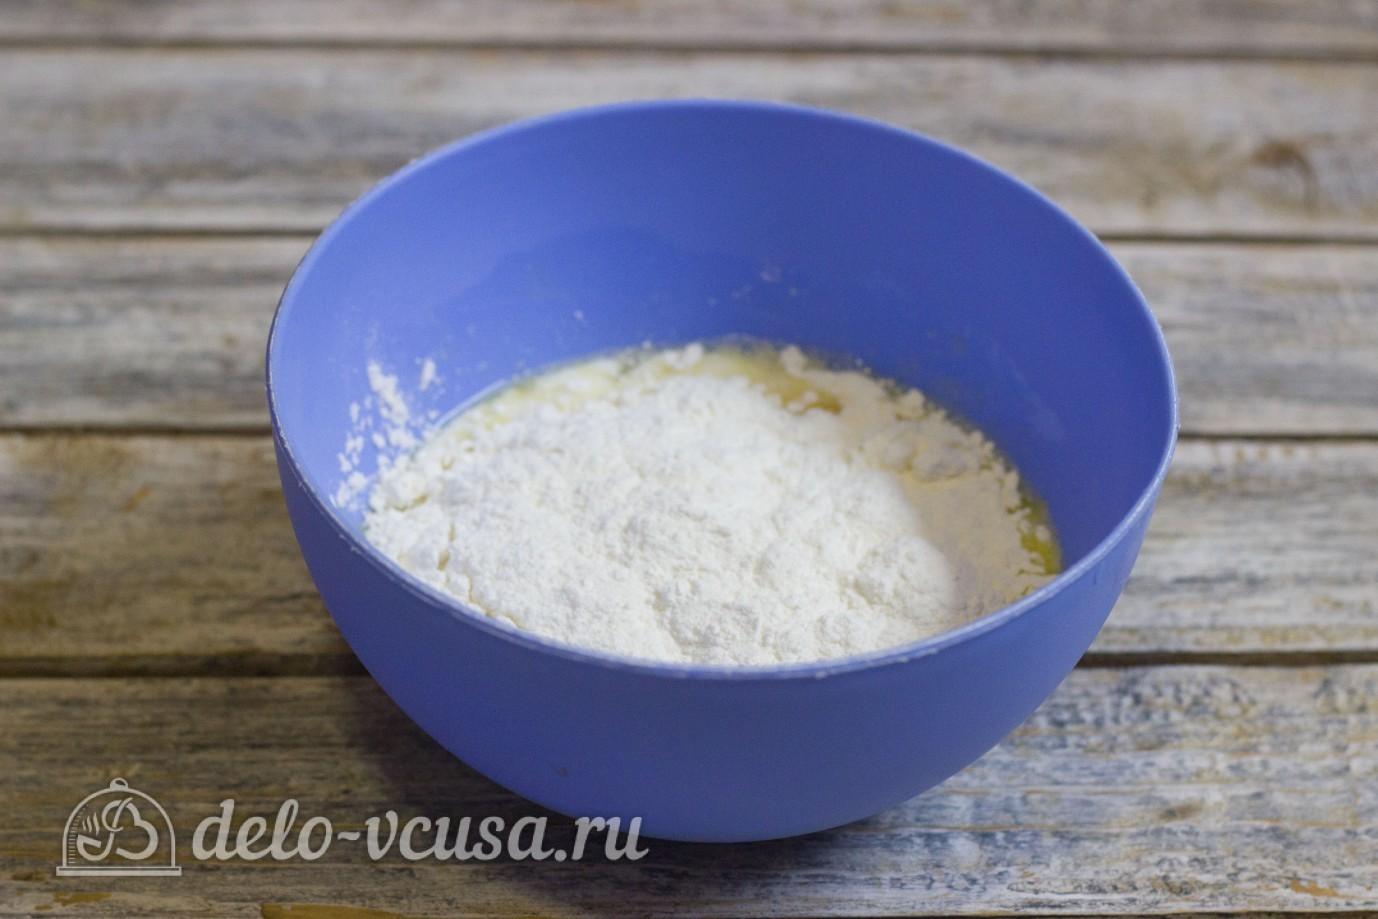 блины на кефире рецепт с разрыхлителем